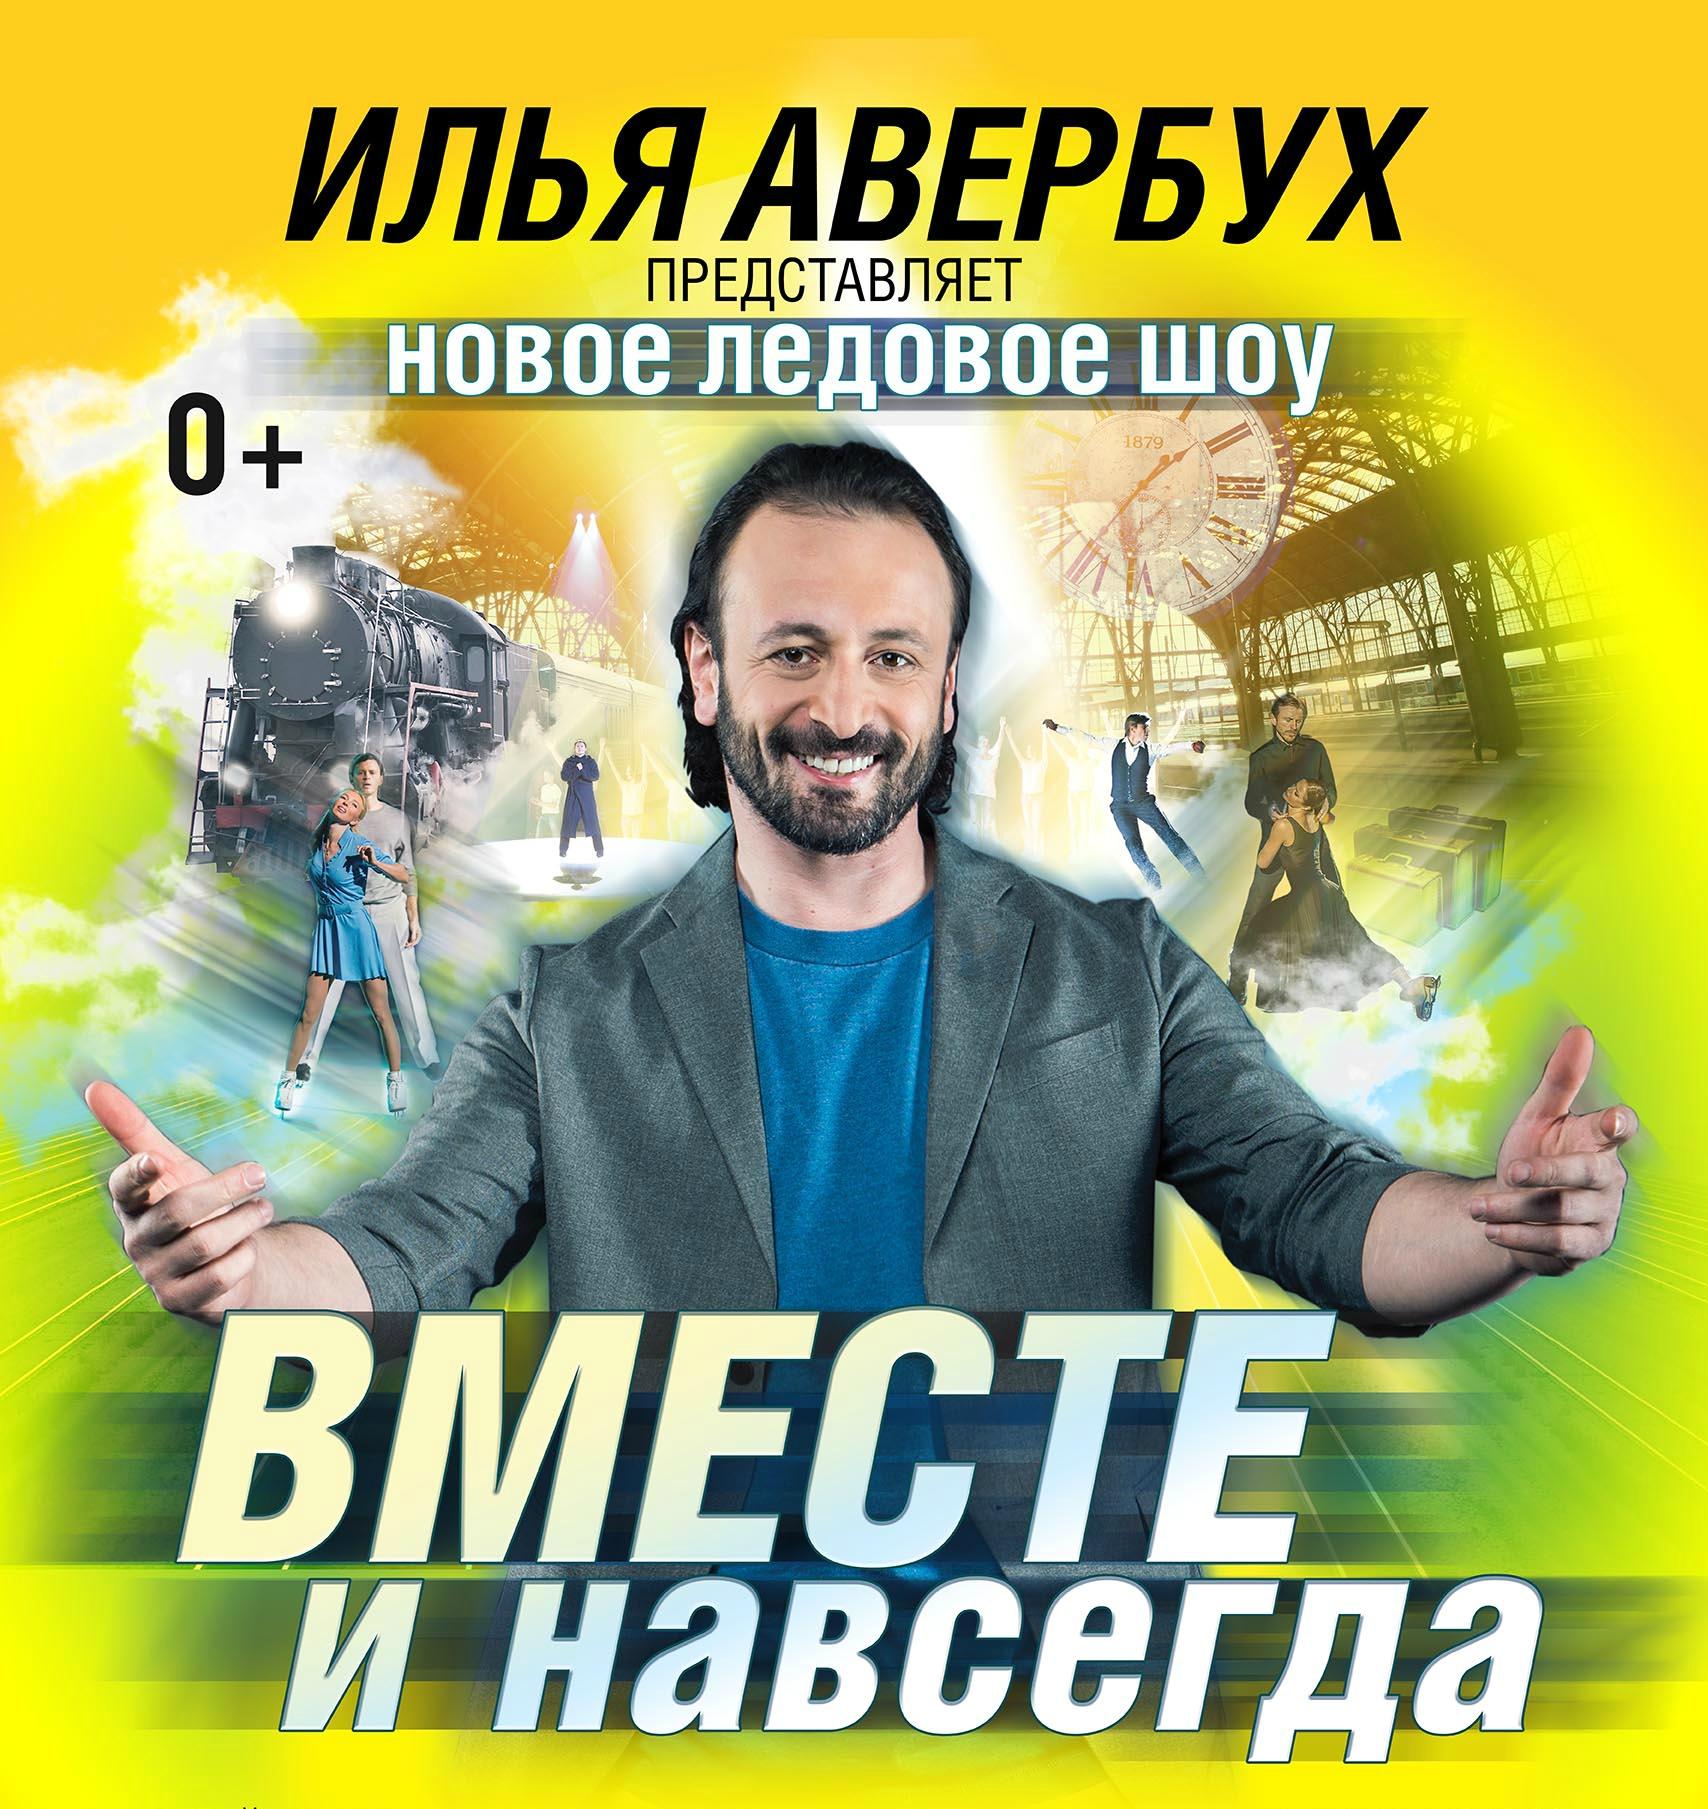 Ледовое шоу ильи авербуха 2017 в сочи купить билет спектакли в москве афиша на июль